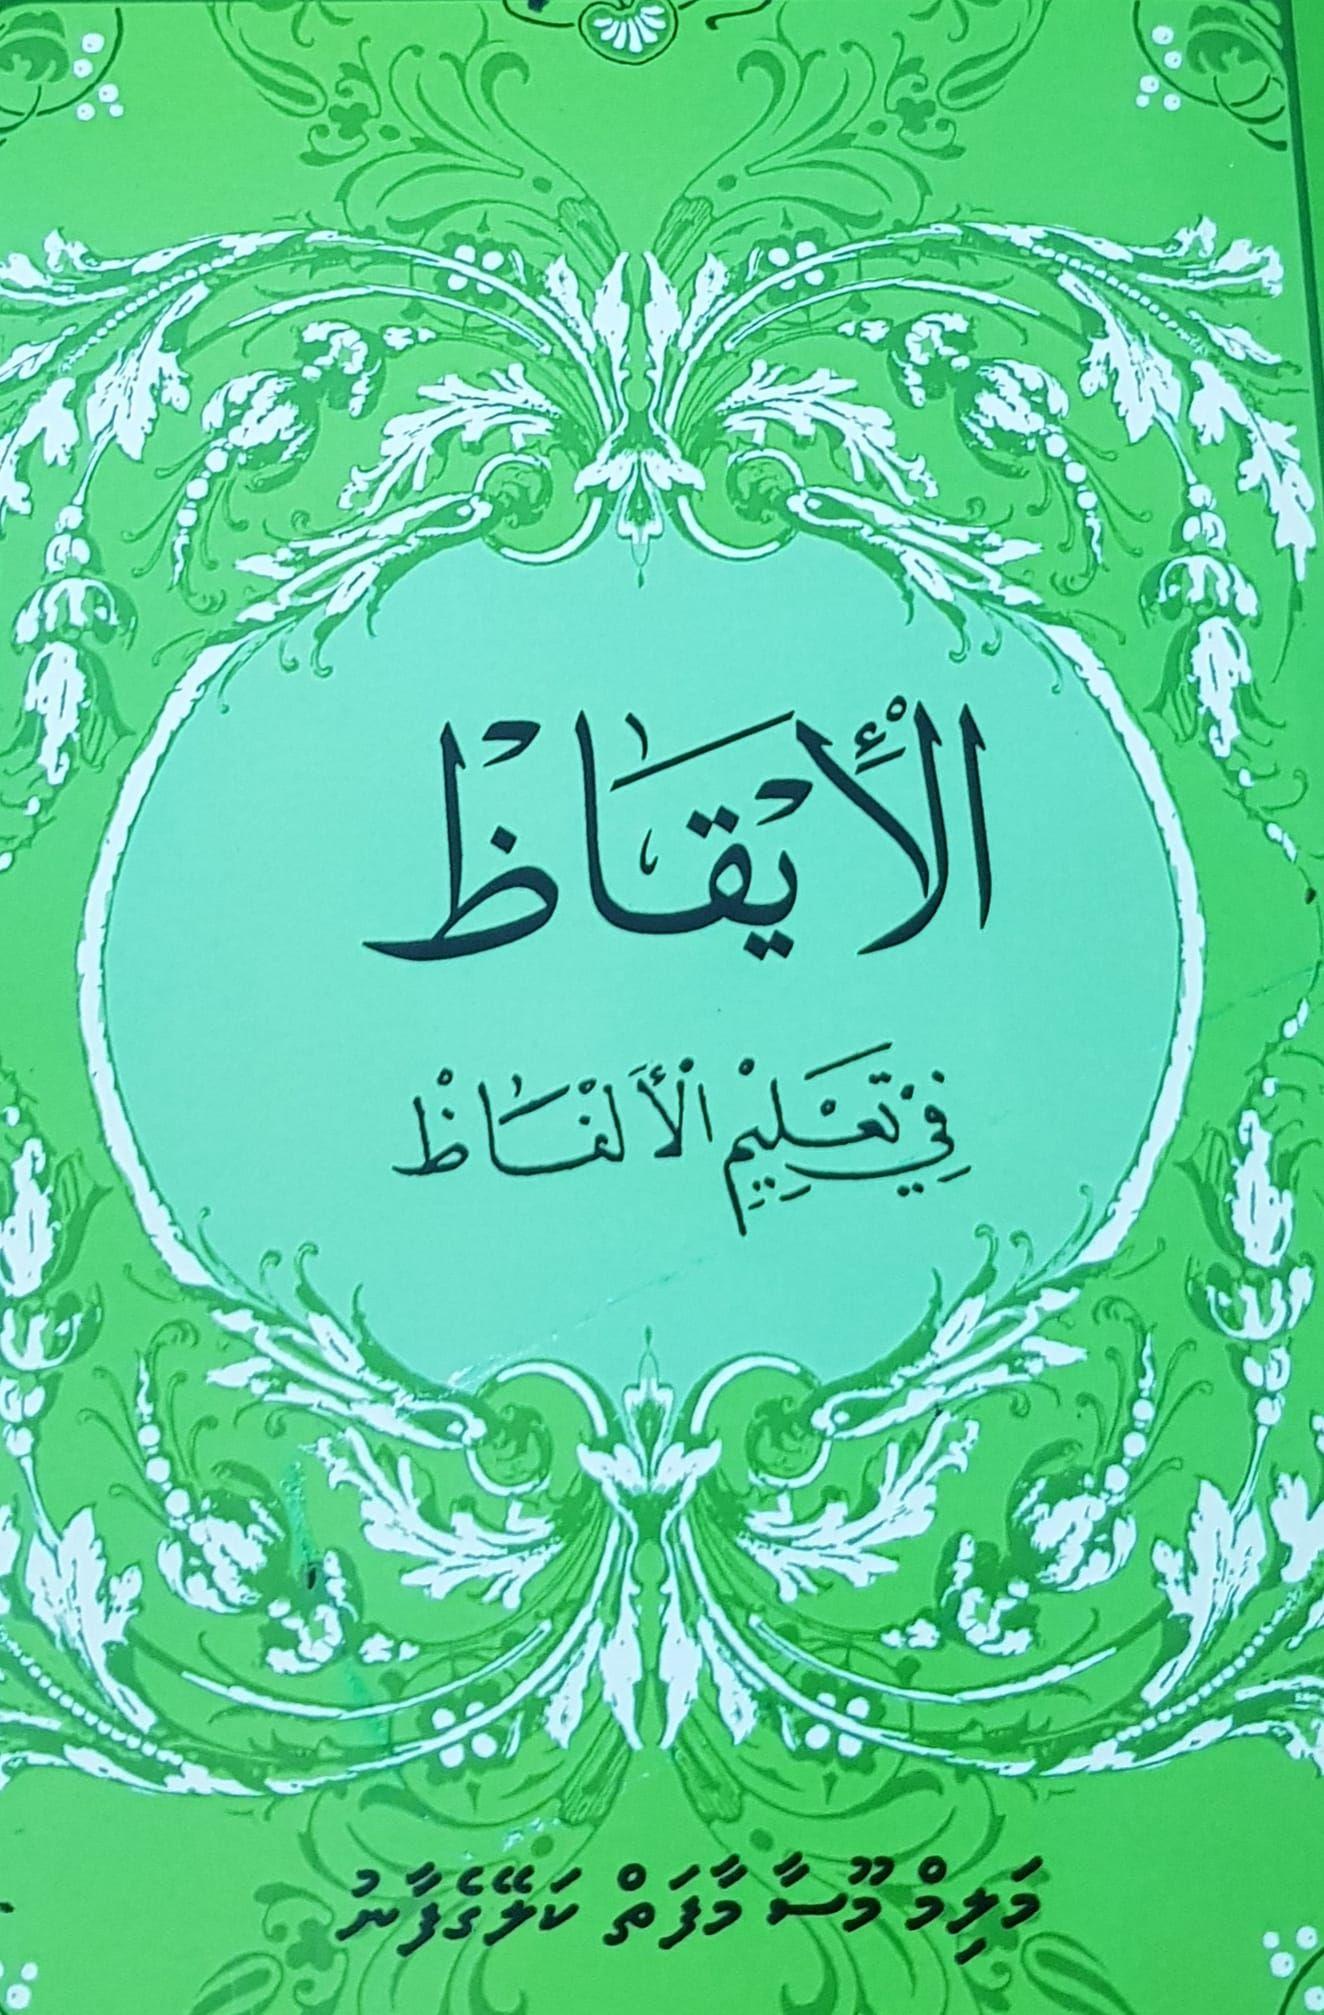 نبذة تعريفية عن كتاب الإيقاظ في تعليم الألفاظ Arabic Calligraphy